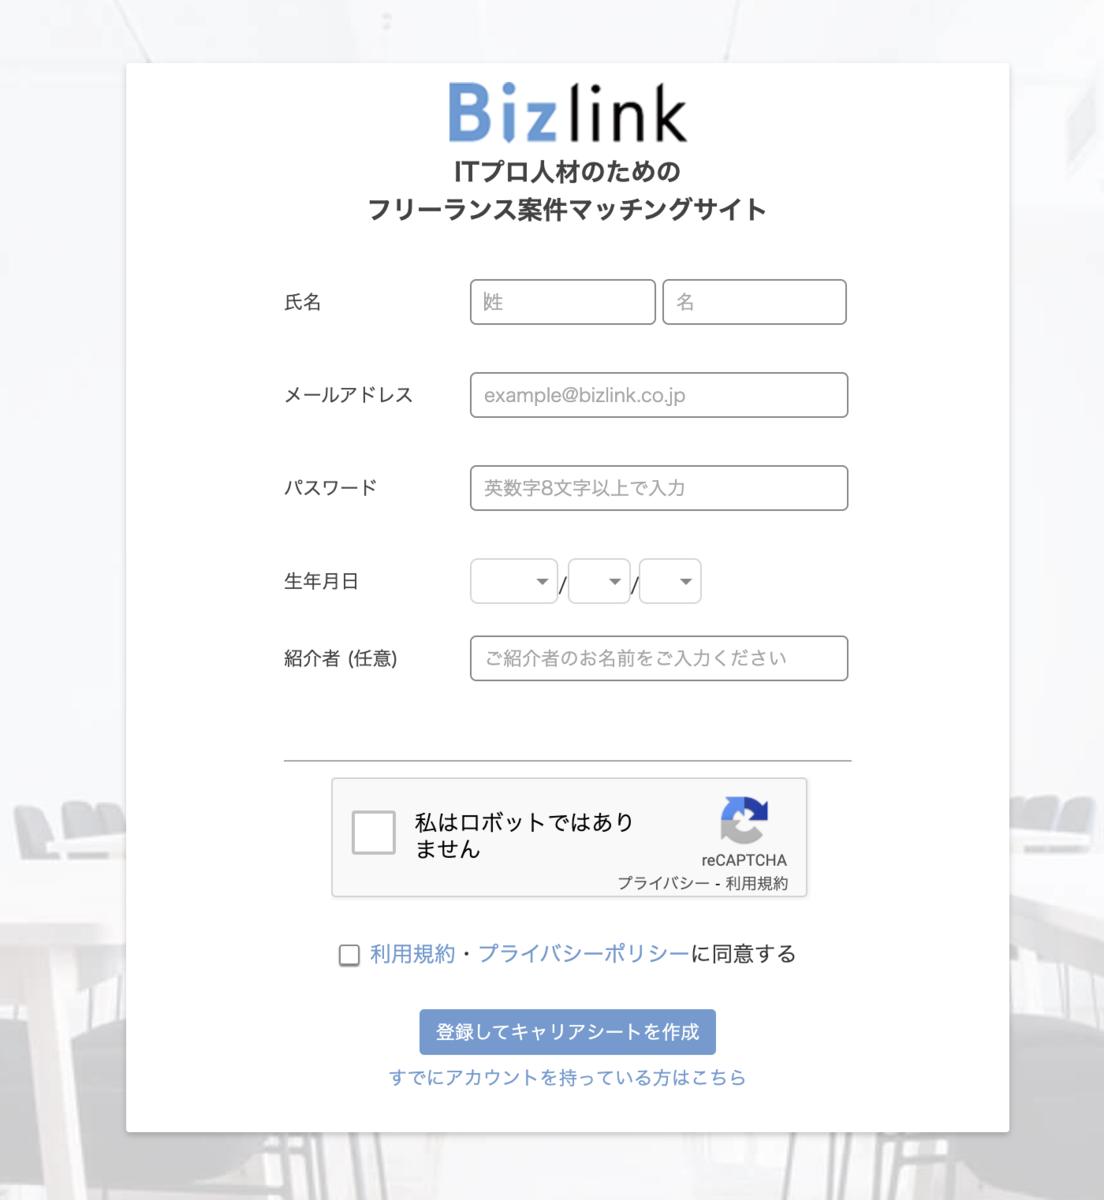 Bizlink(ビズリンク) 登録フォーム